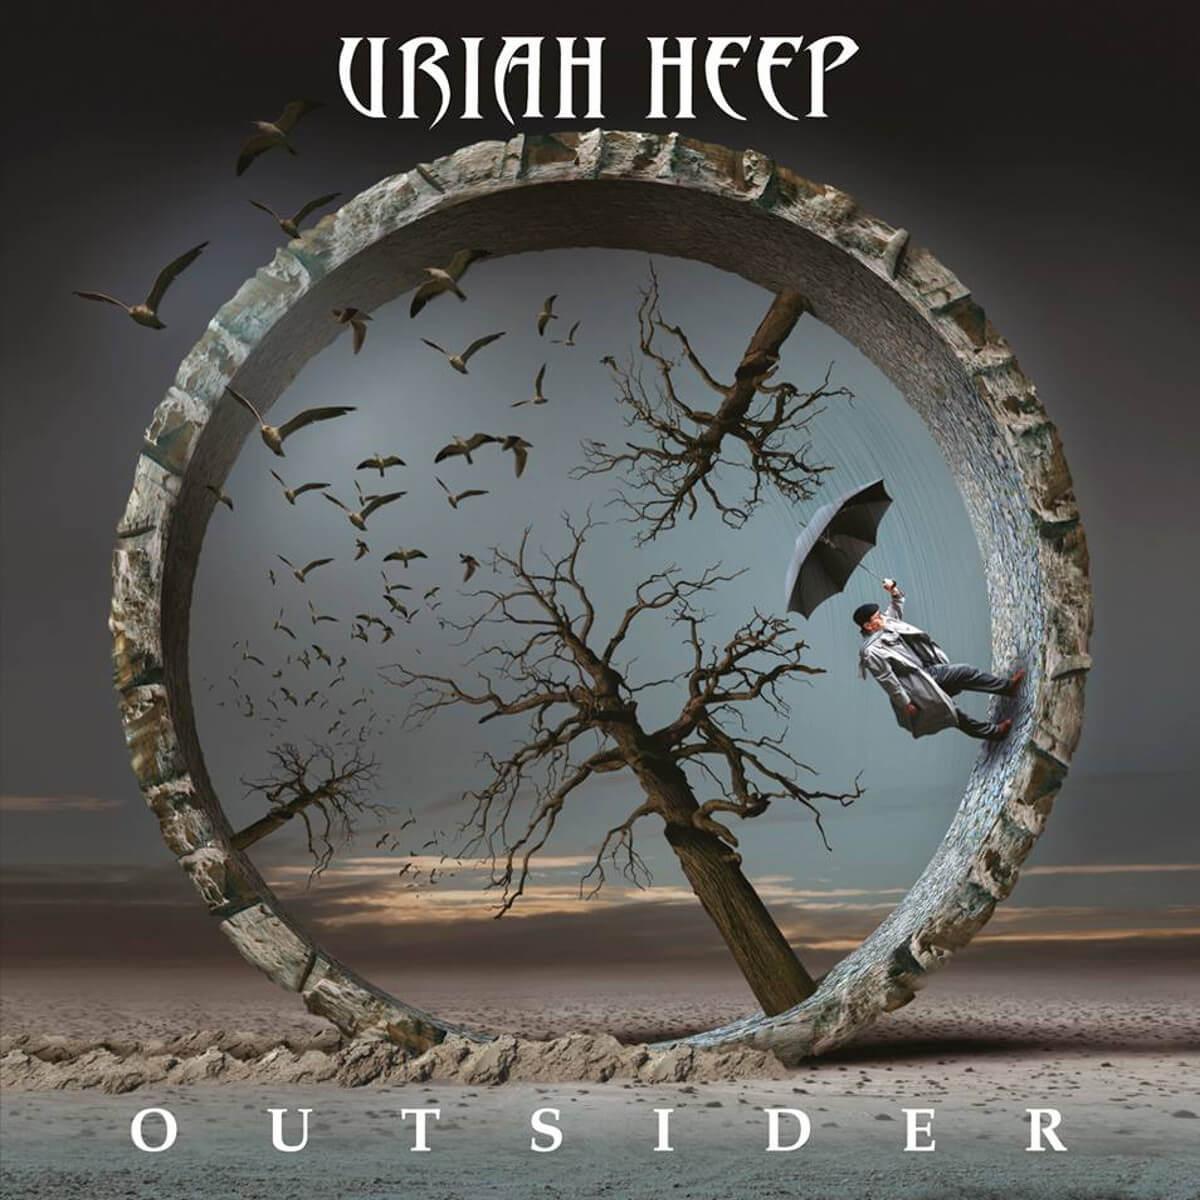 Uriah Heep - Outsider - Vinil Cover